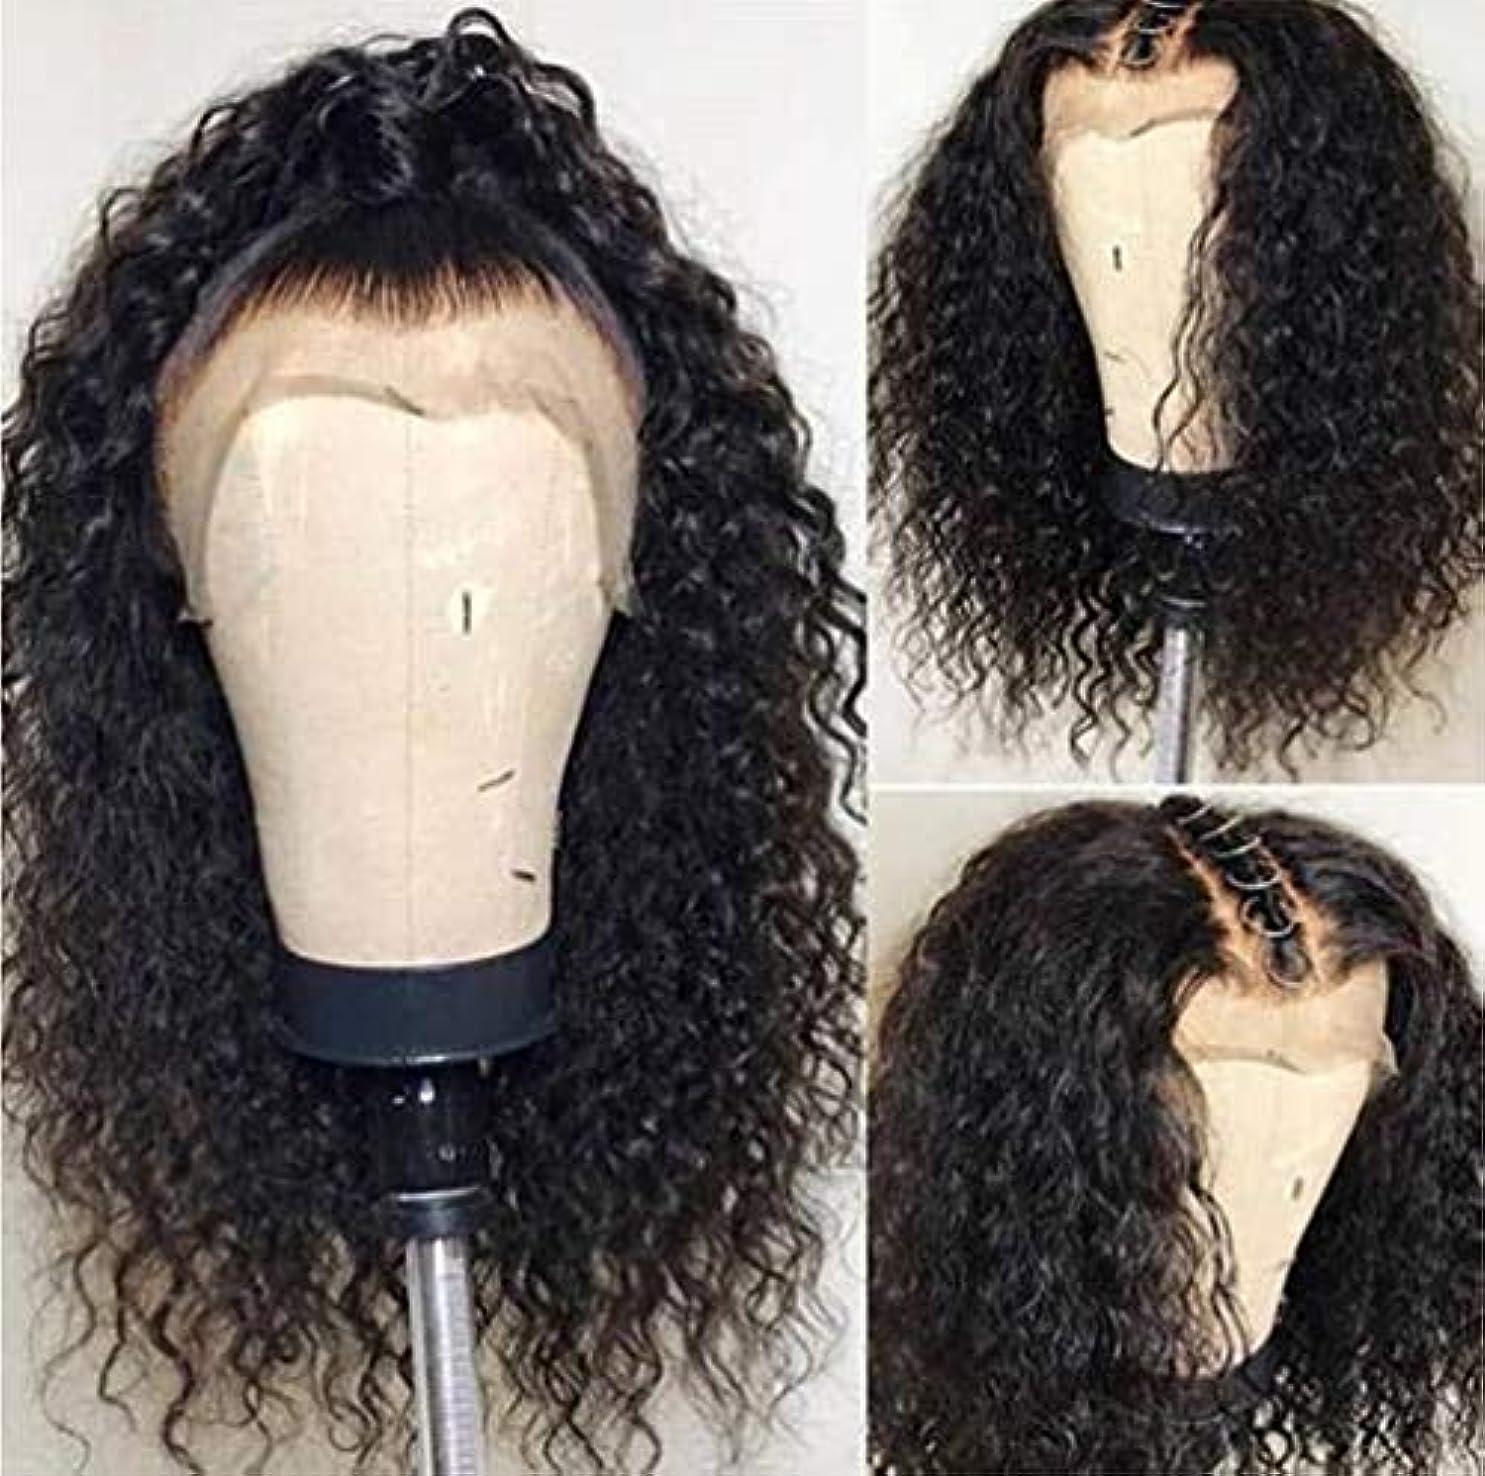 インタネットを見る裁判官電話する女性ウィッグ150%密度カーリーレースウィッグ人毛グルーレスサイドパーツ変態カーリーショートボブレースフロントウィッグレミー髪